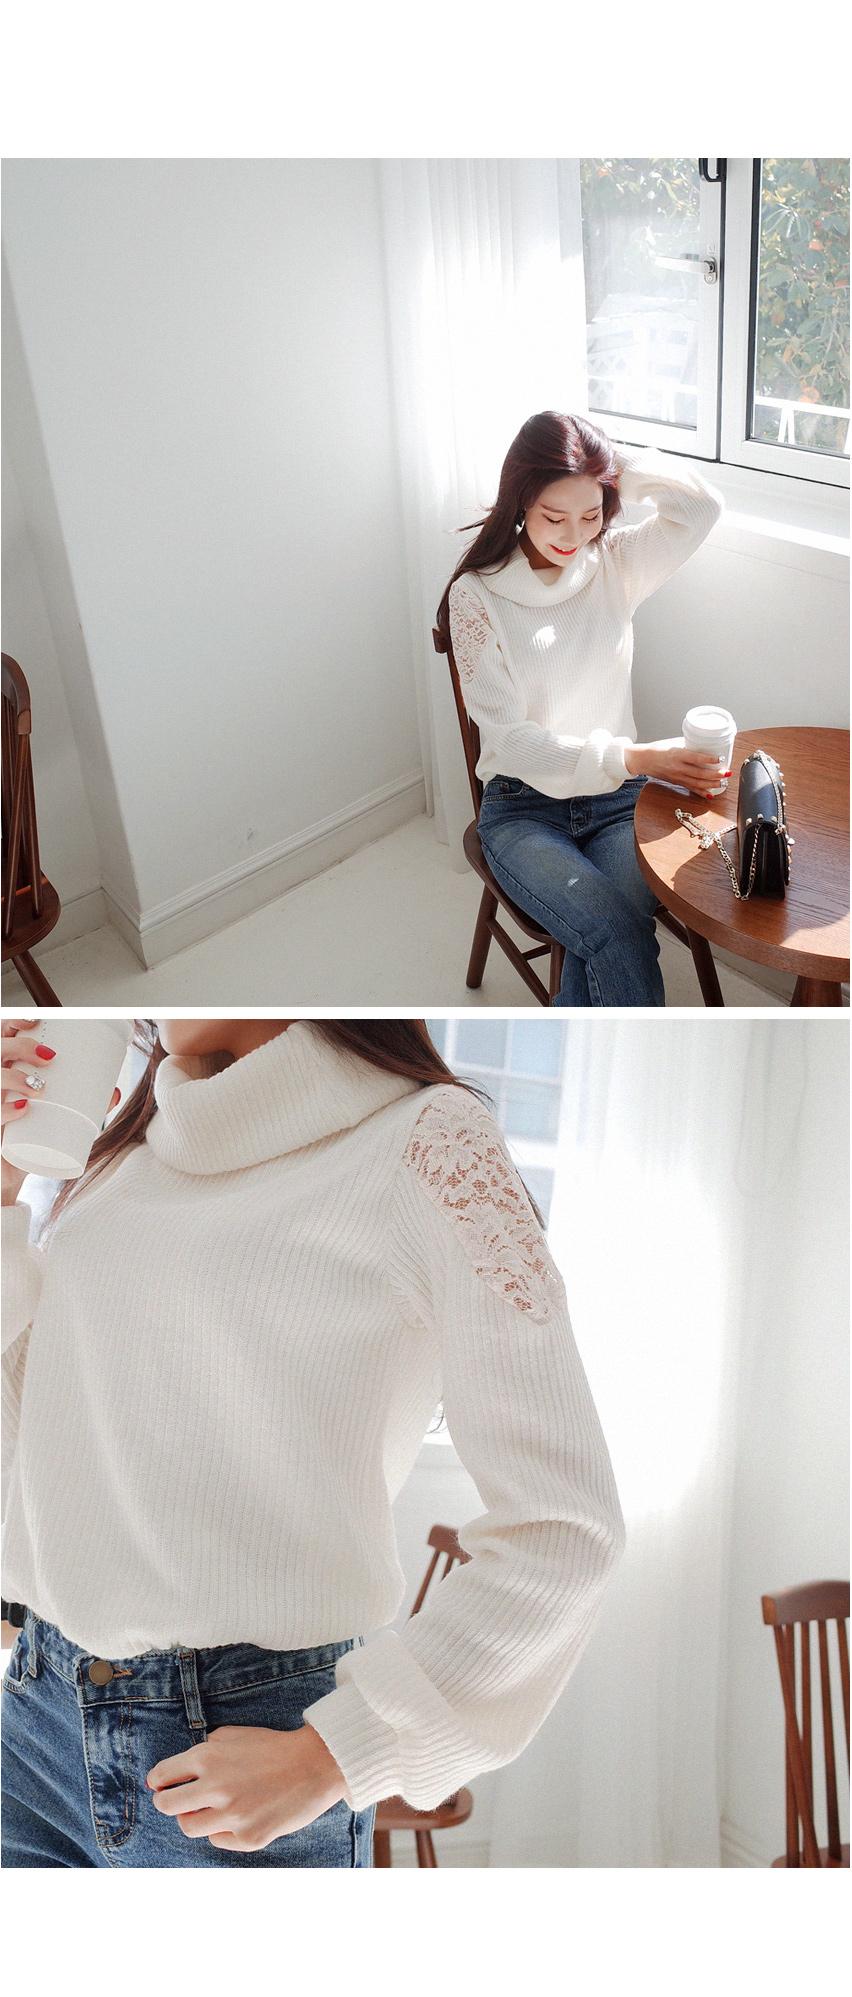 Shoulder n race knit